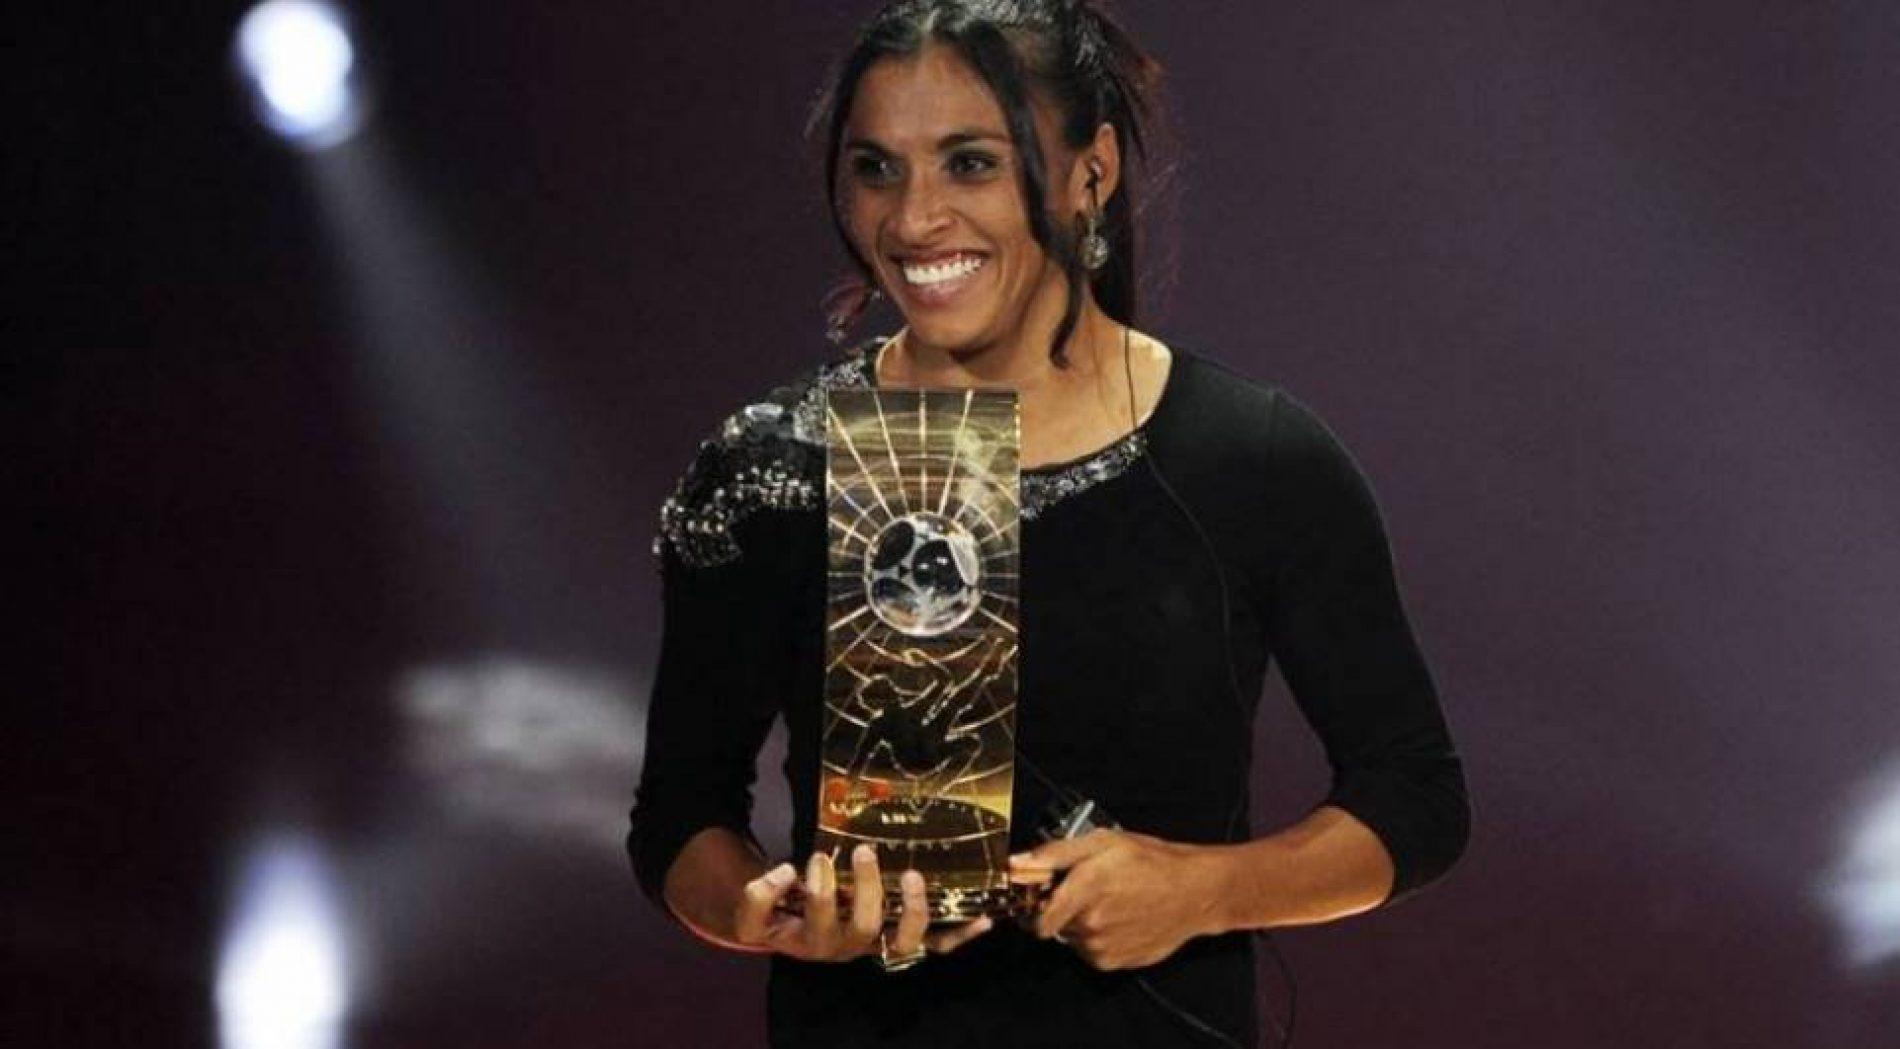 Marta supera rivais, ganha prêmio de melhor do mundo pela 6ª vez e bate recorde